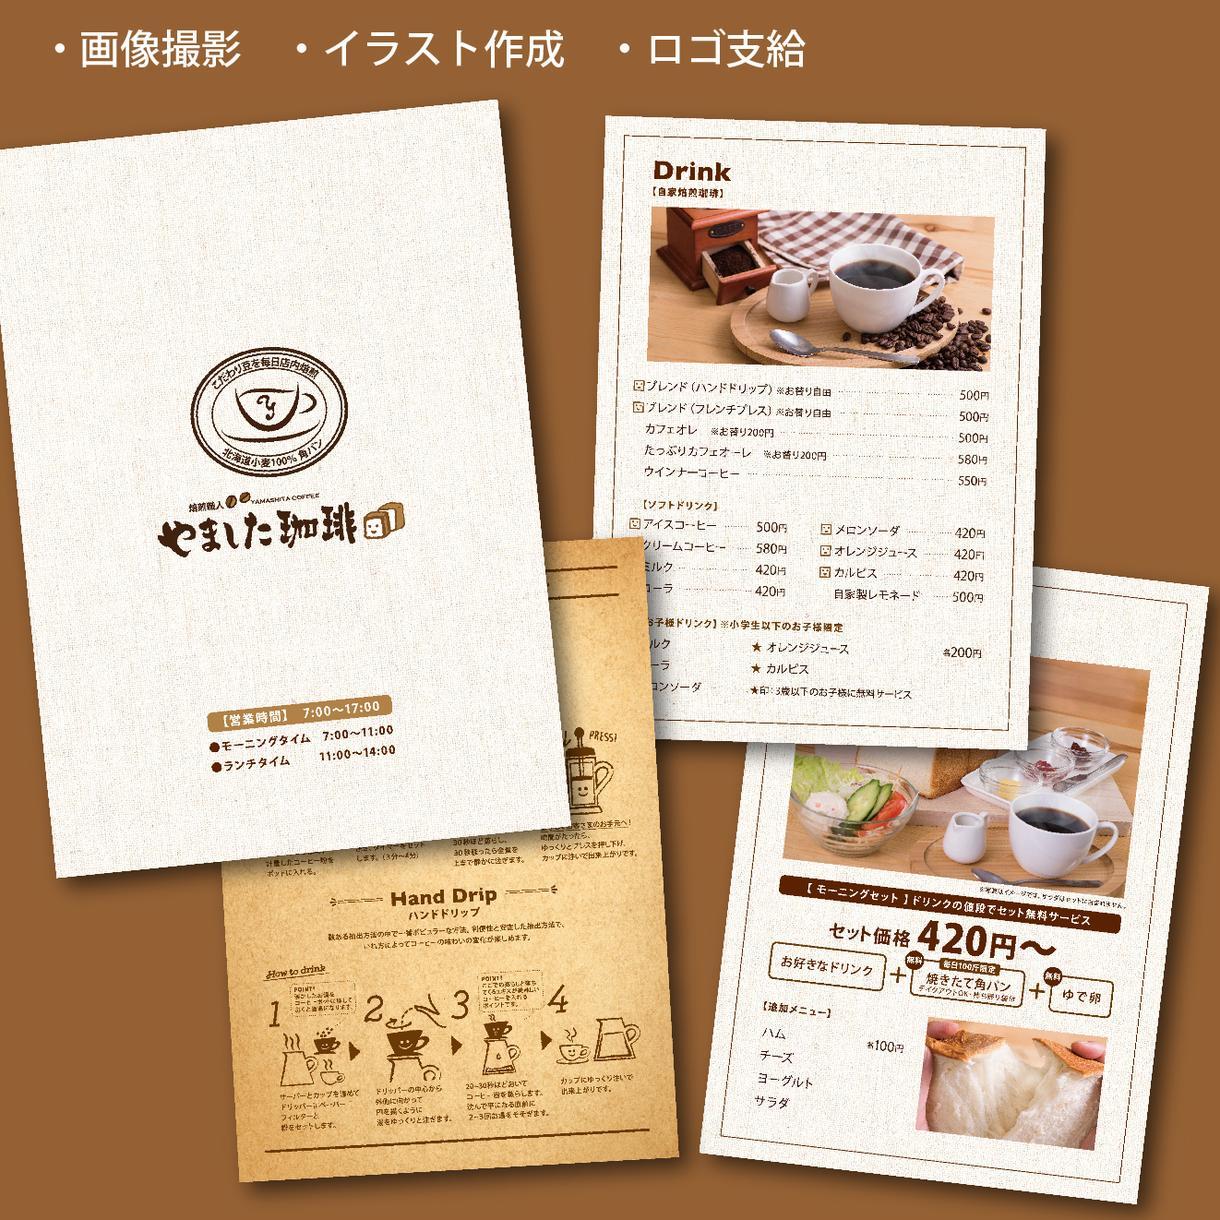 飲食店のプロが【オリジナルメニュー】を制作します 【安心・高品質】自社店舗200店の販促実績とプロ品質。